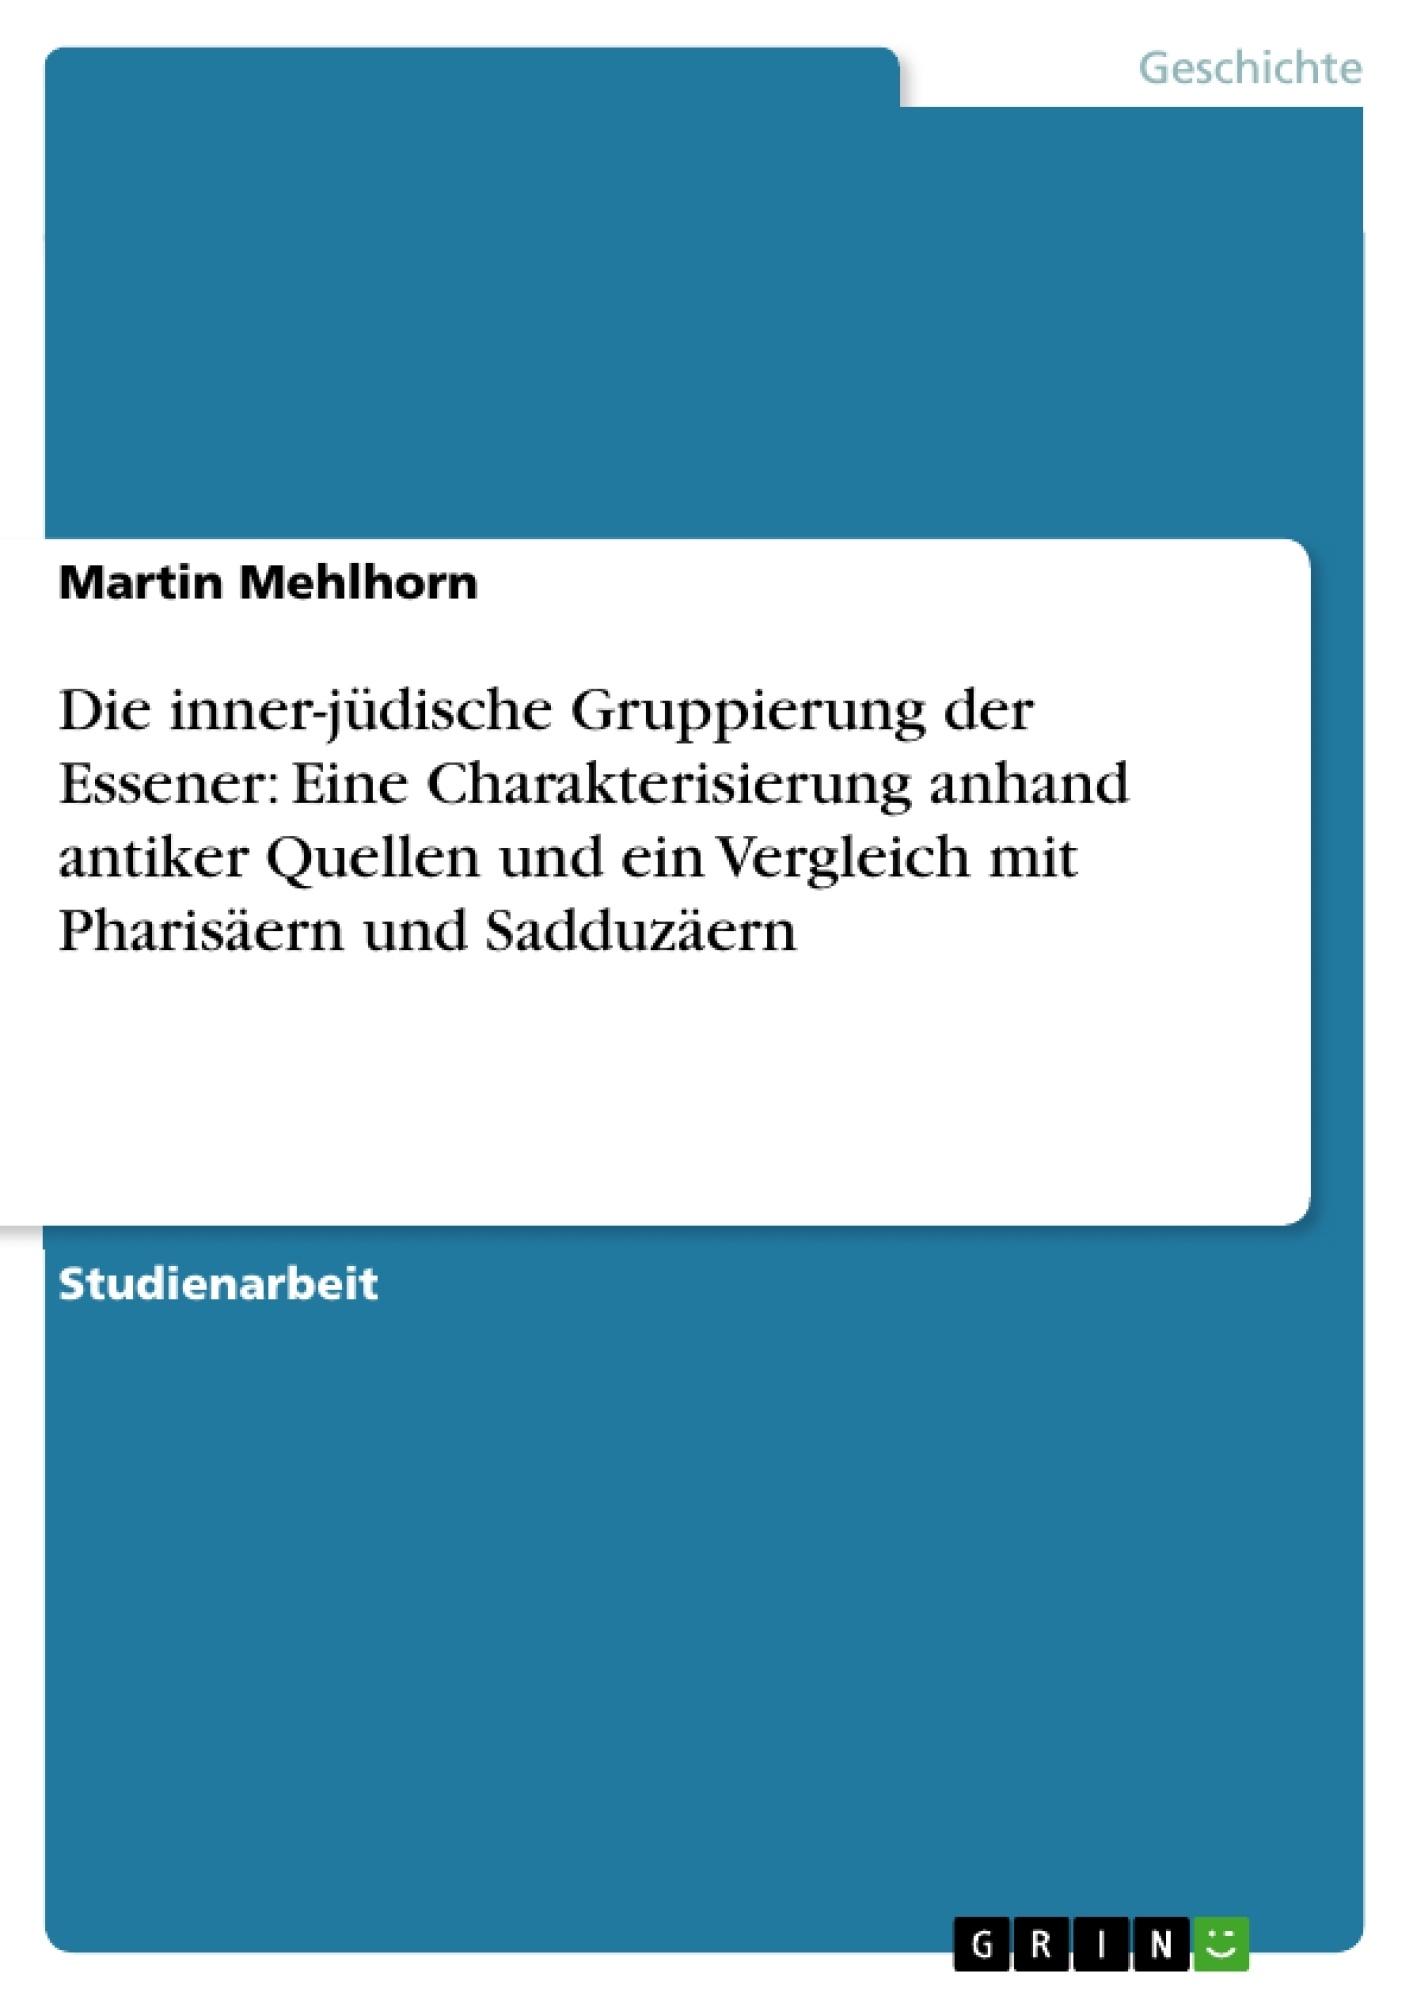 Titel: Die inner-jüdische Gruppierung der Essener: Eine Charakterisierung anhand antiker Quellen und ein Vergleich mit Pharisäern und Sadduzäern